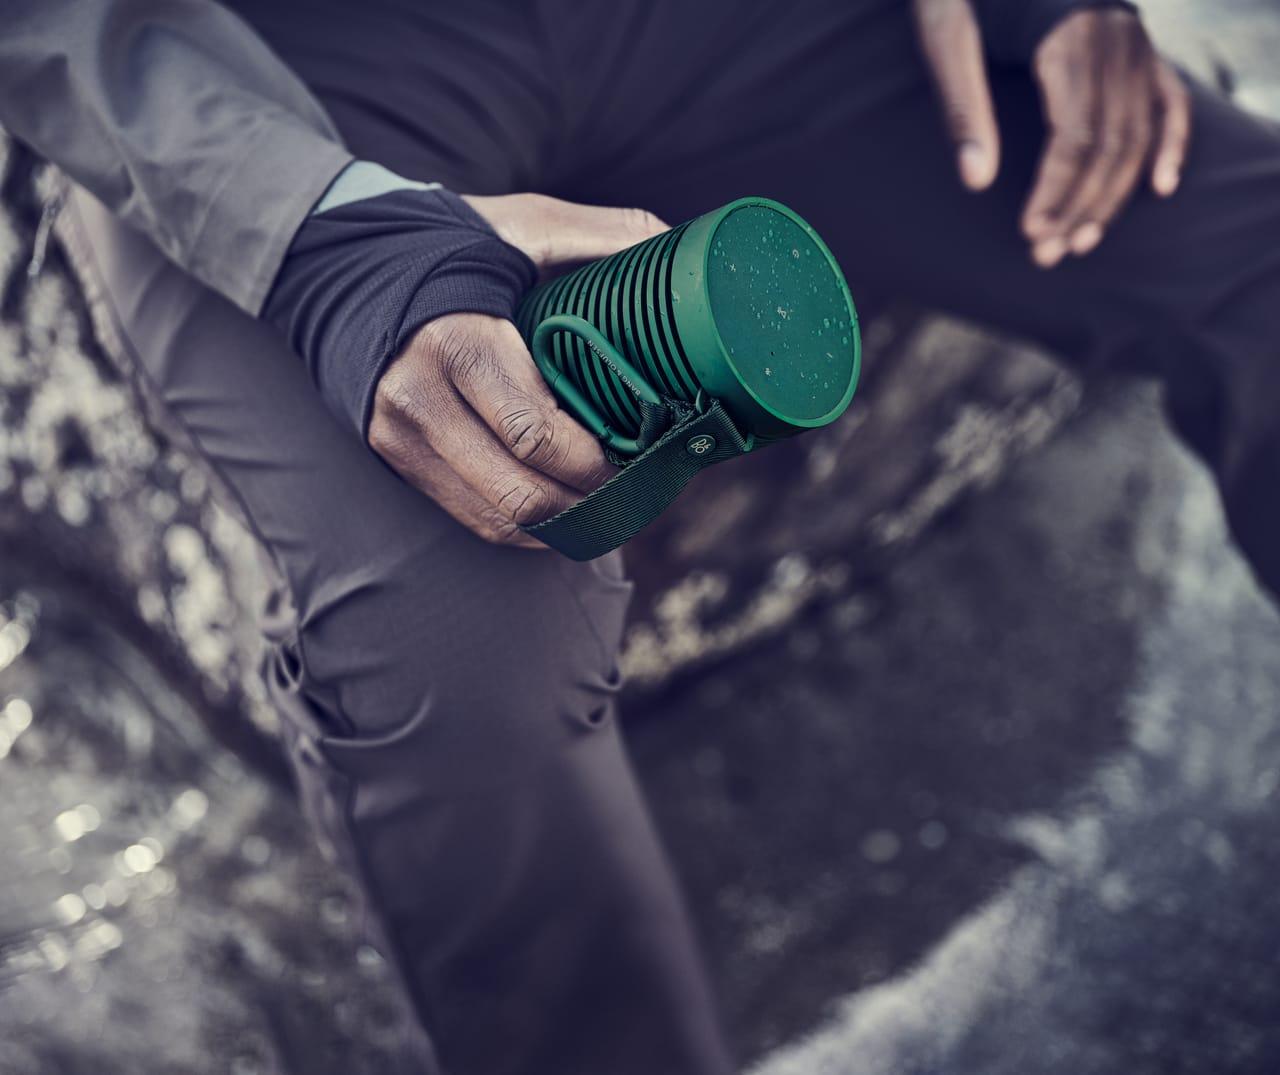 Grün Bang & Olufsen Beosound Explore Tragbarer Bluetooth-Lautsprecher.5